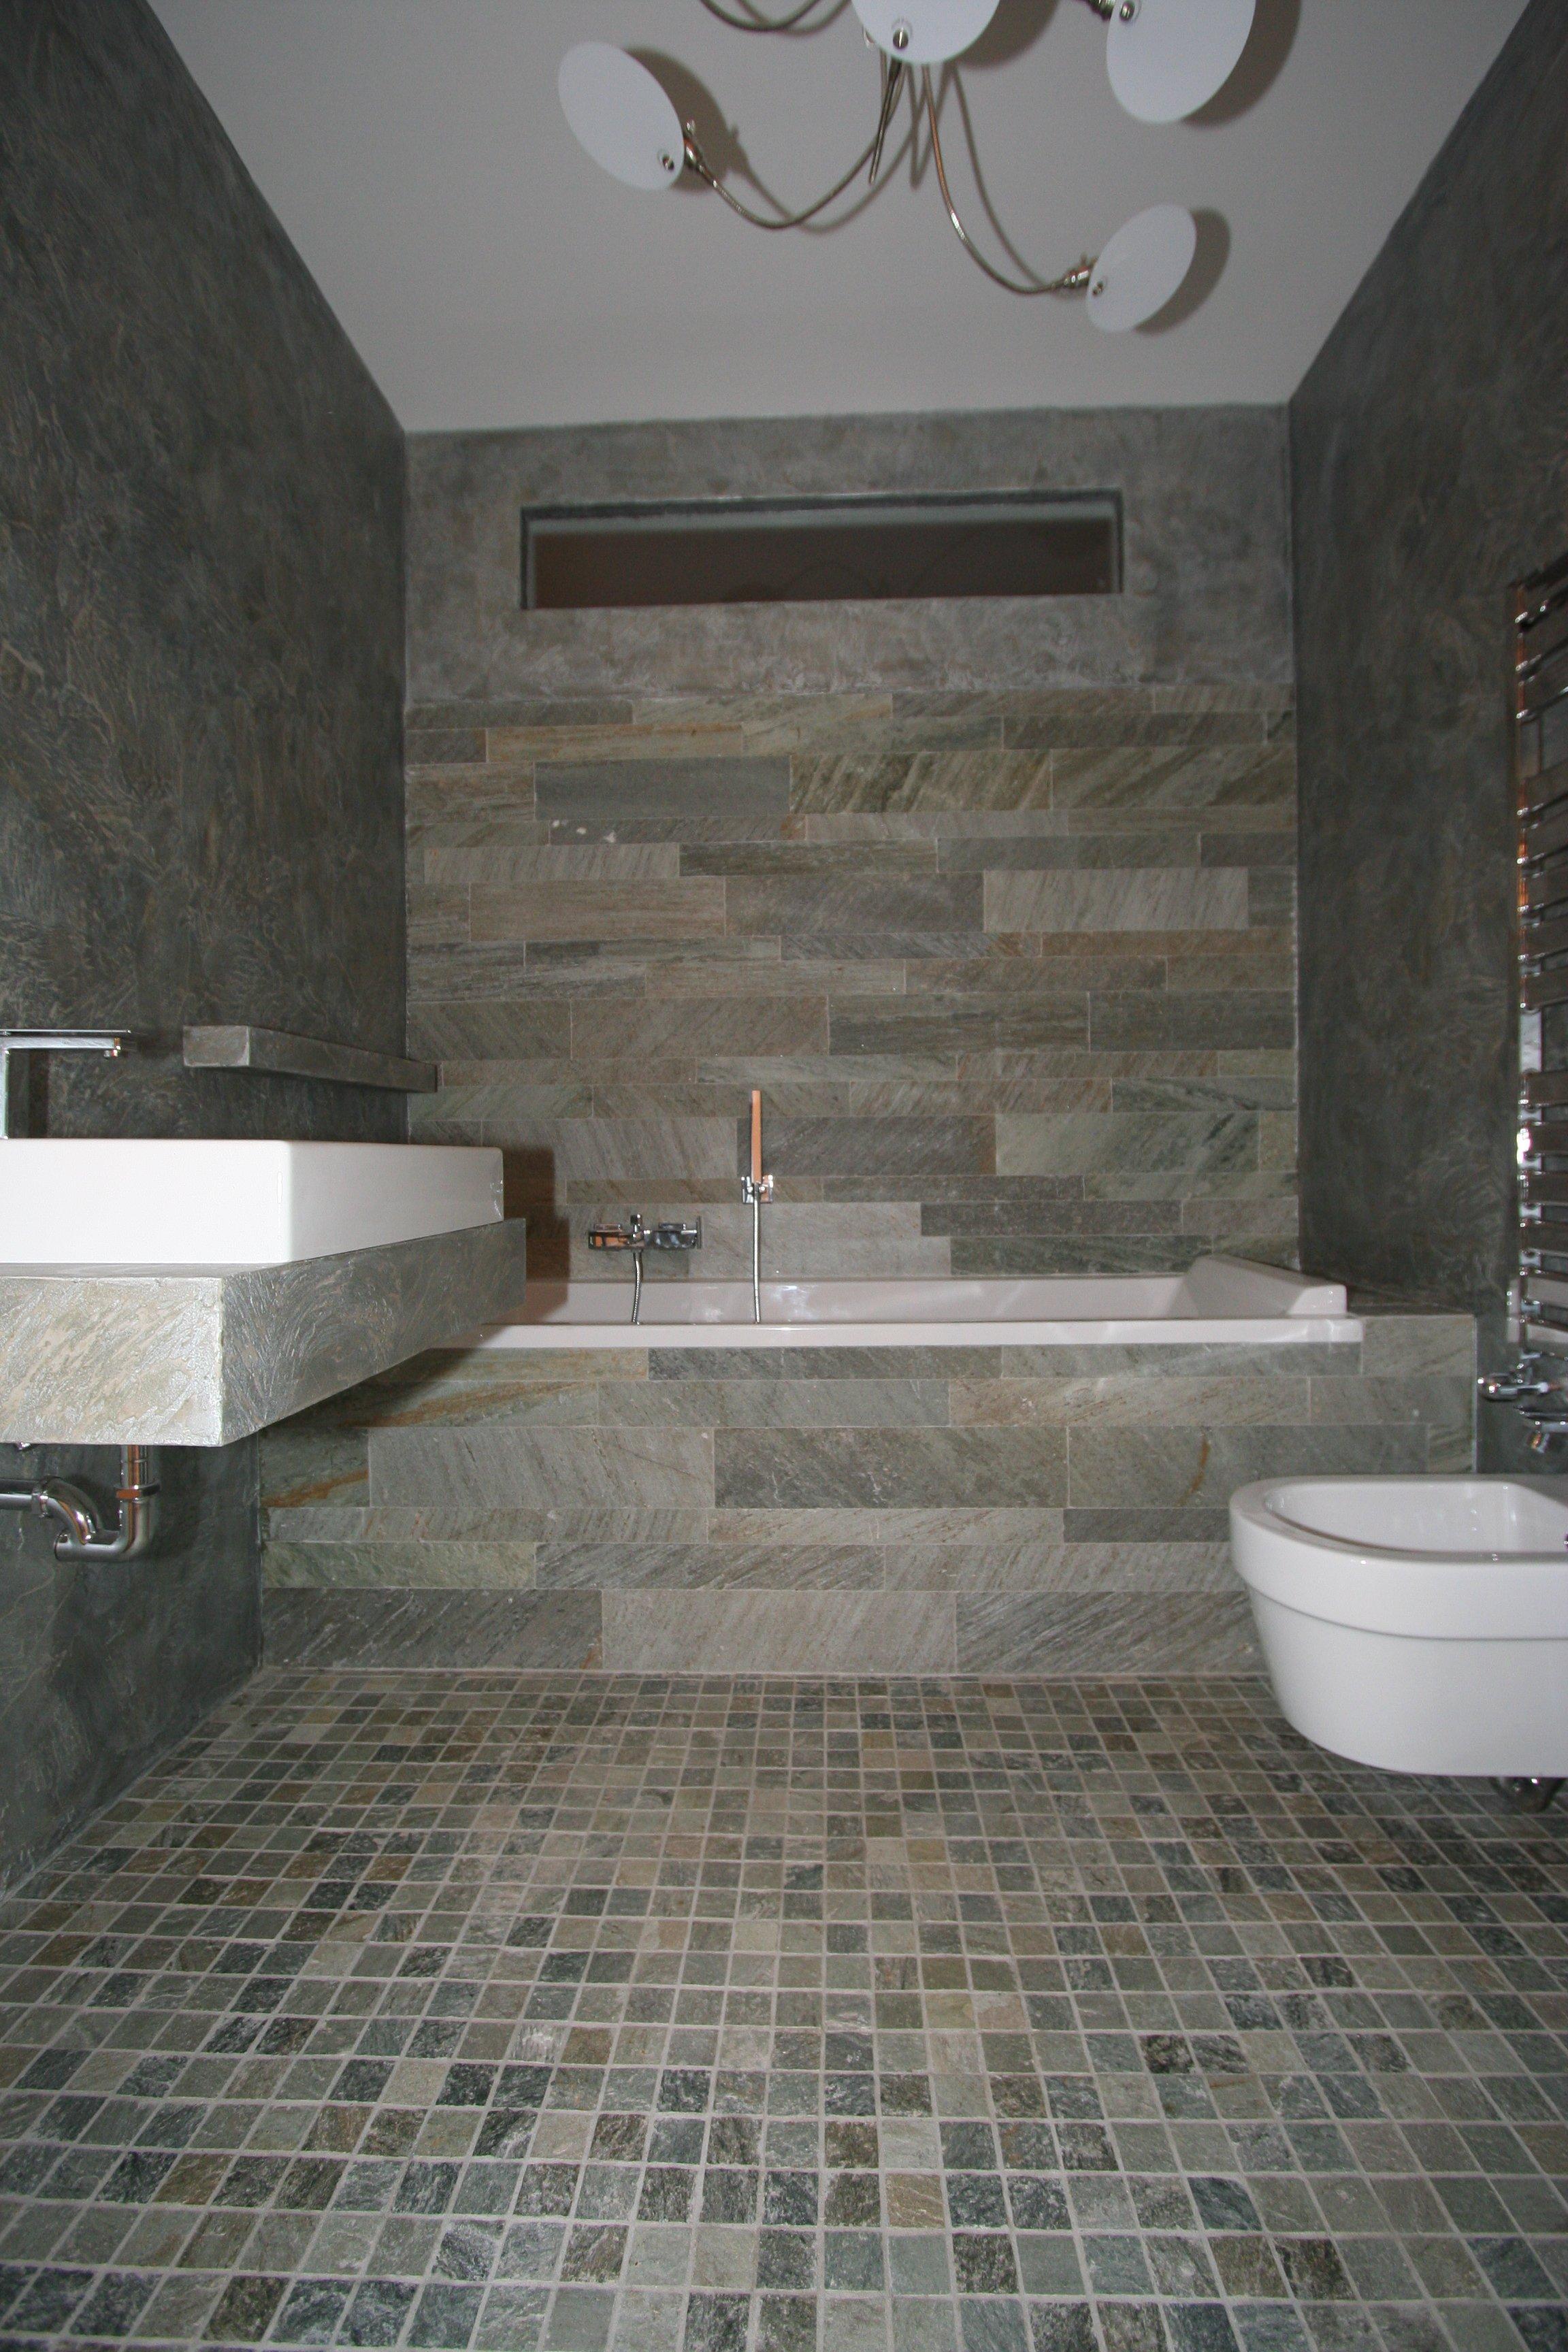 Image: Bagno 2 foto 6 pavimento in mosaico da 5